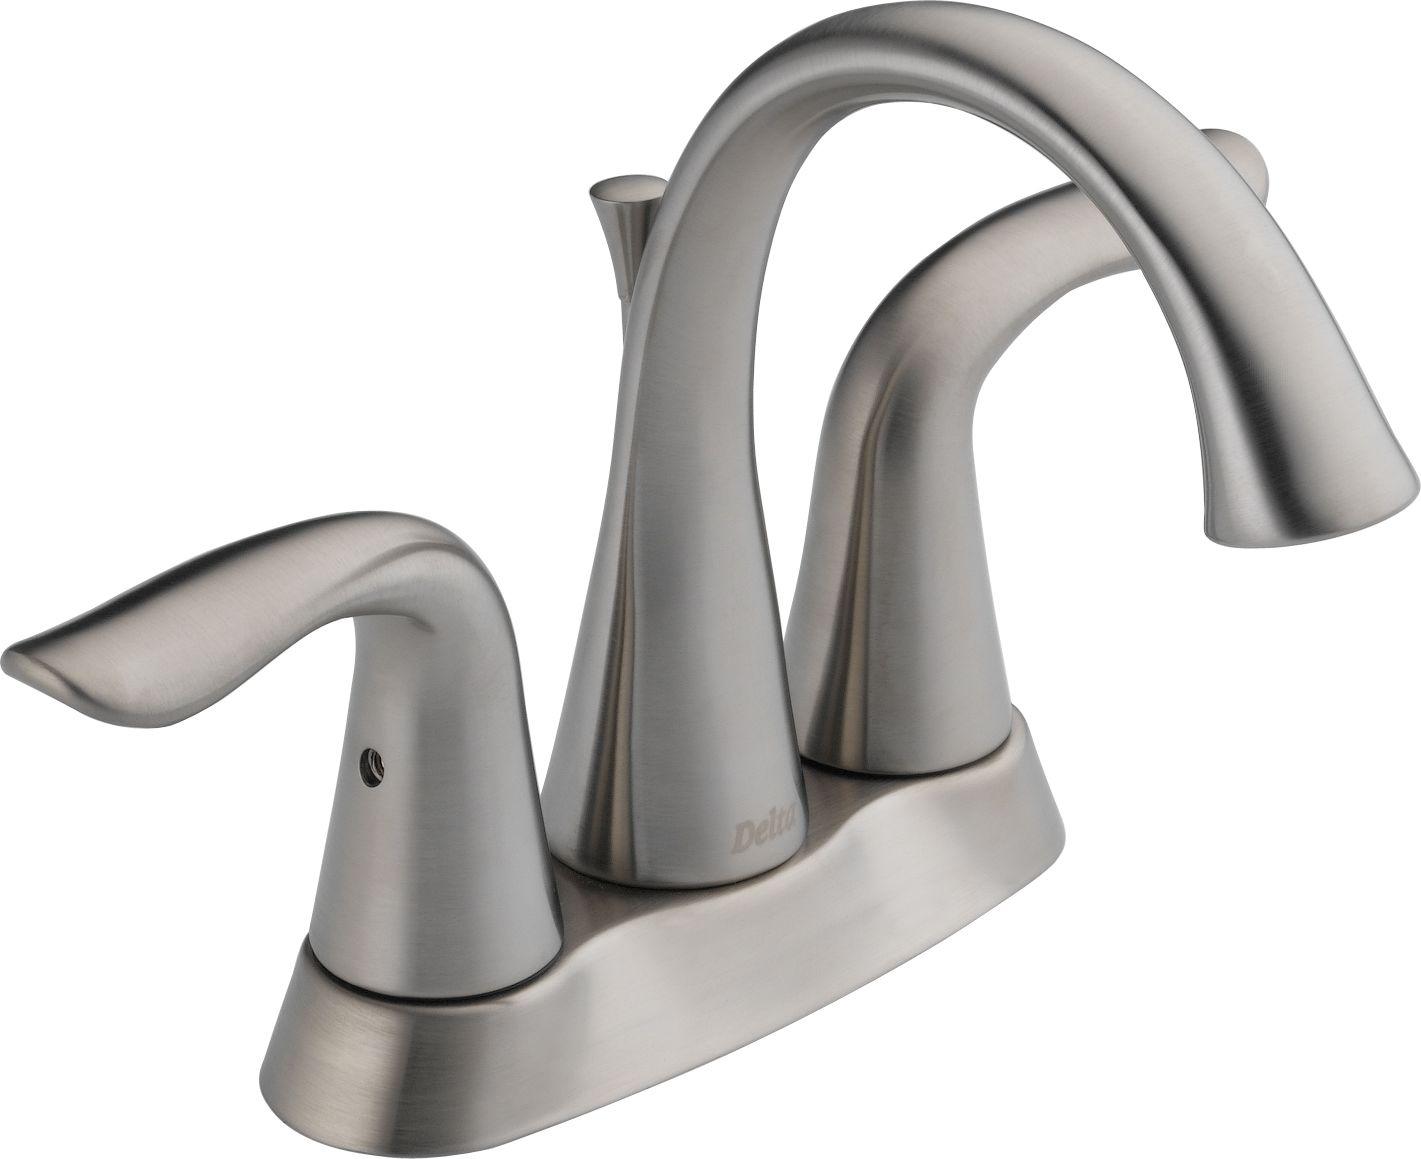 Delta Bathroom Faucets.Delta 2538 Tp Dst Build Com